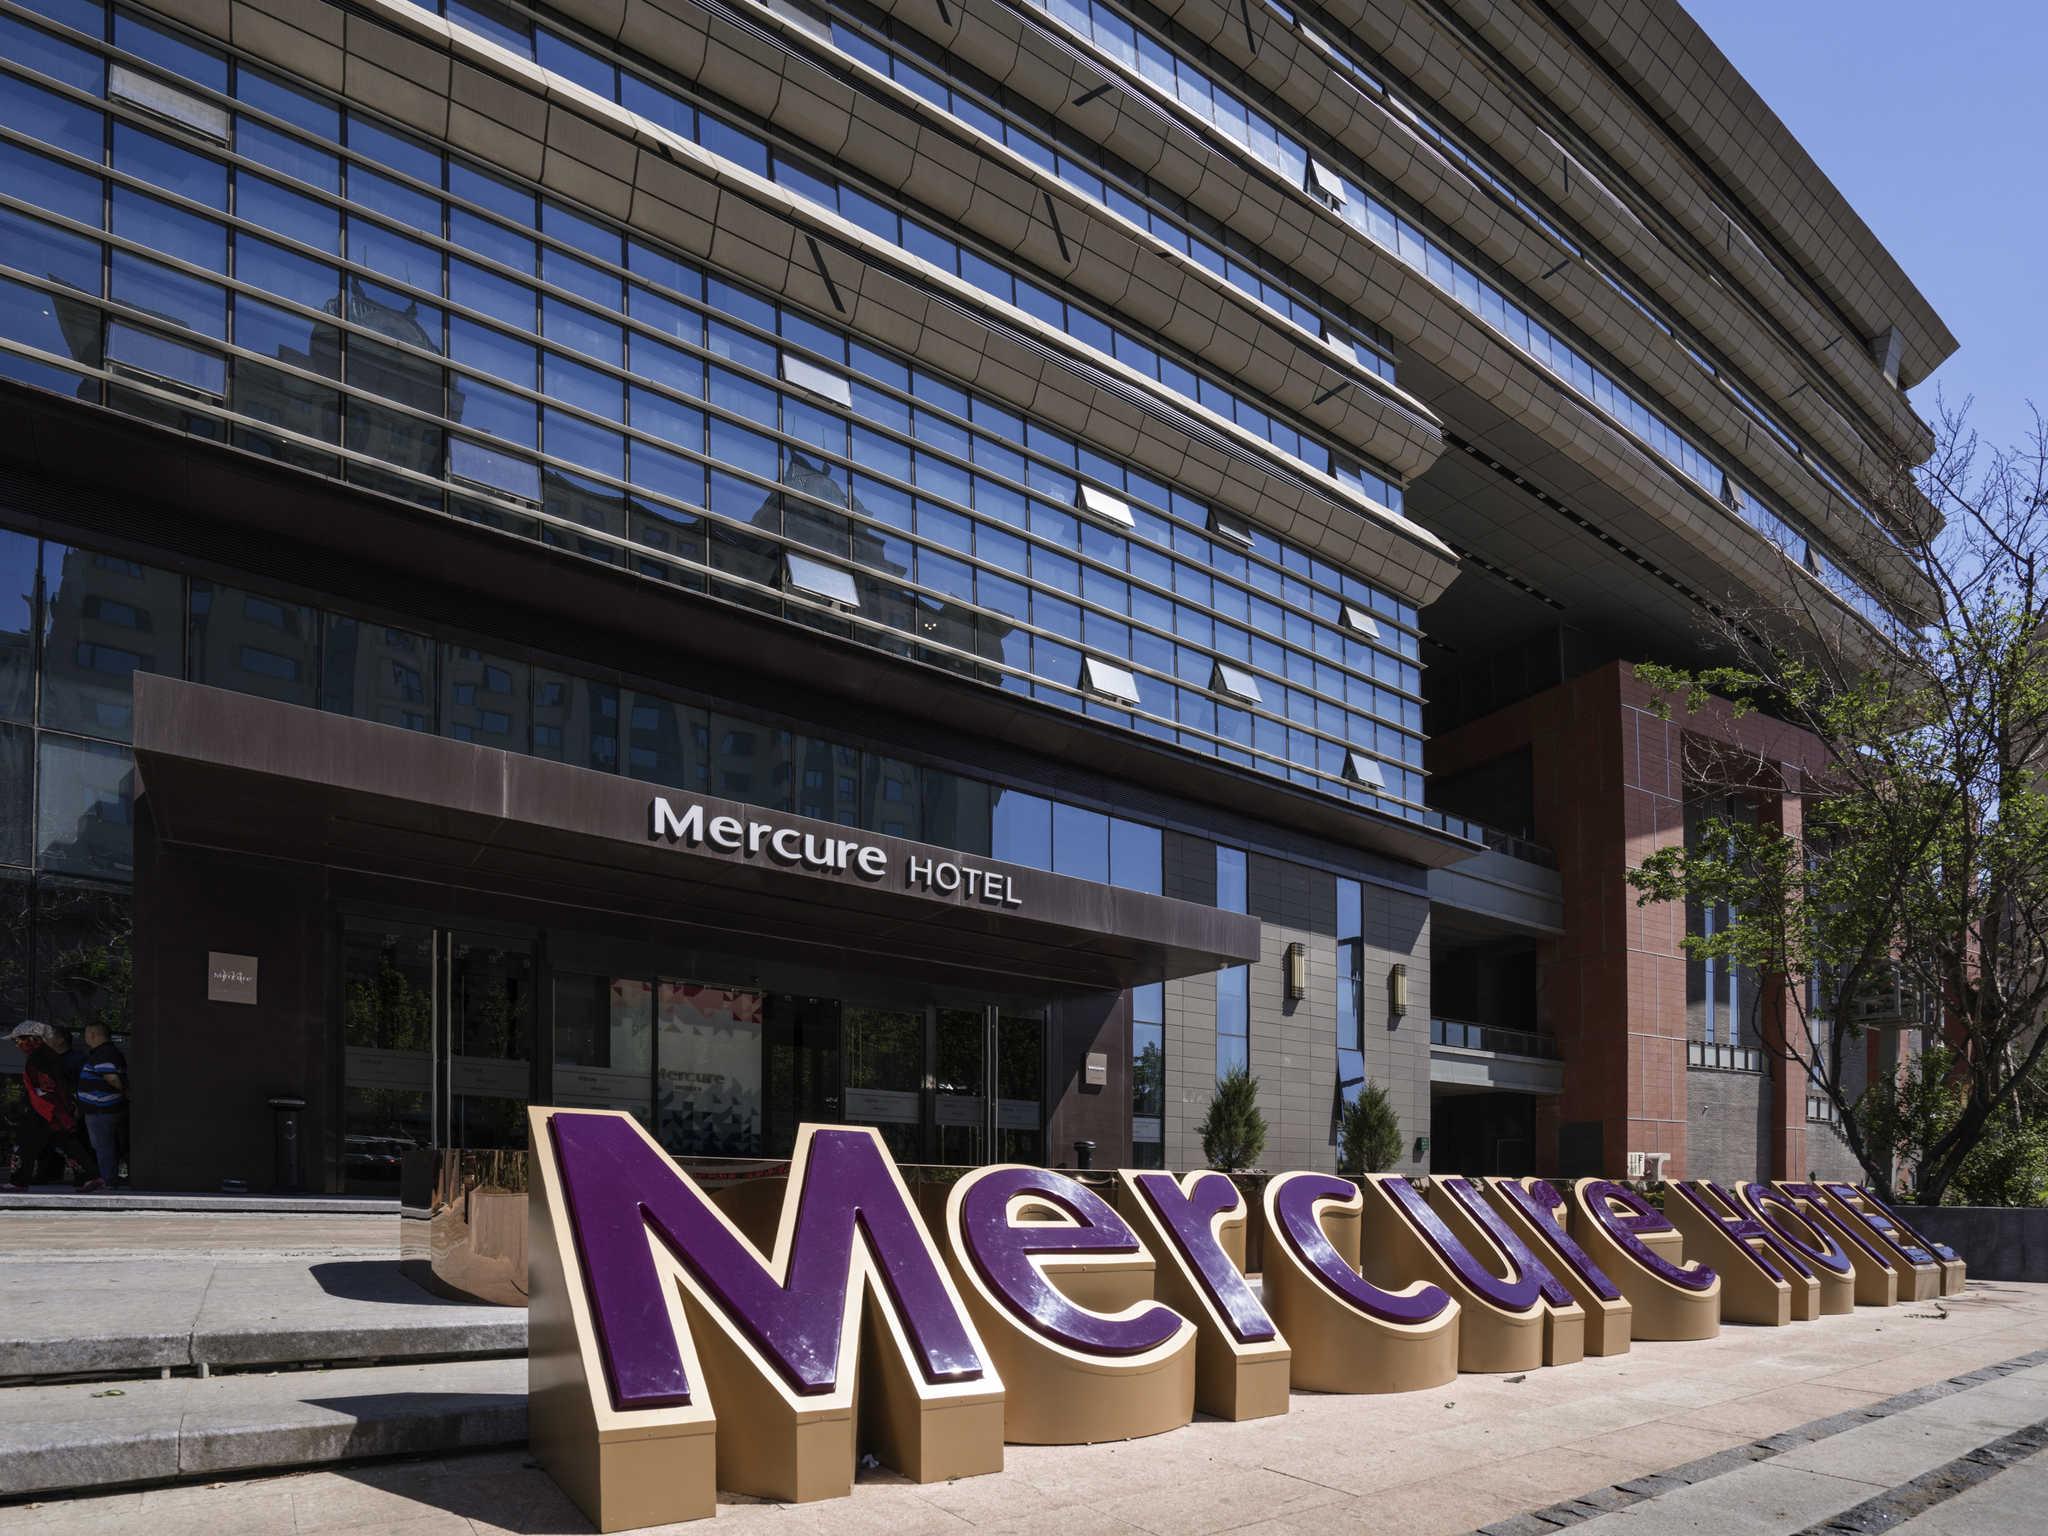 Hôtel - Mercure Panjin (ouverture décembre 2018)